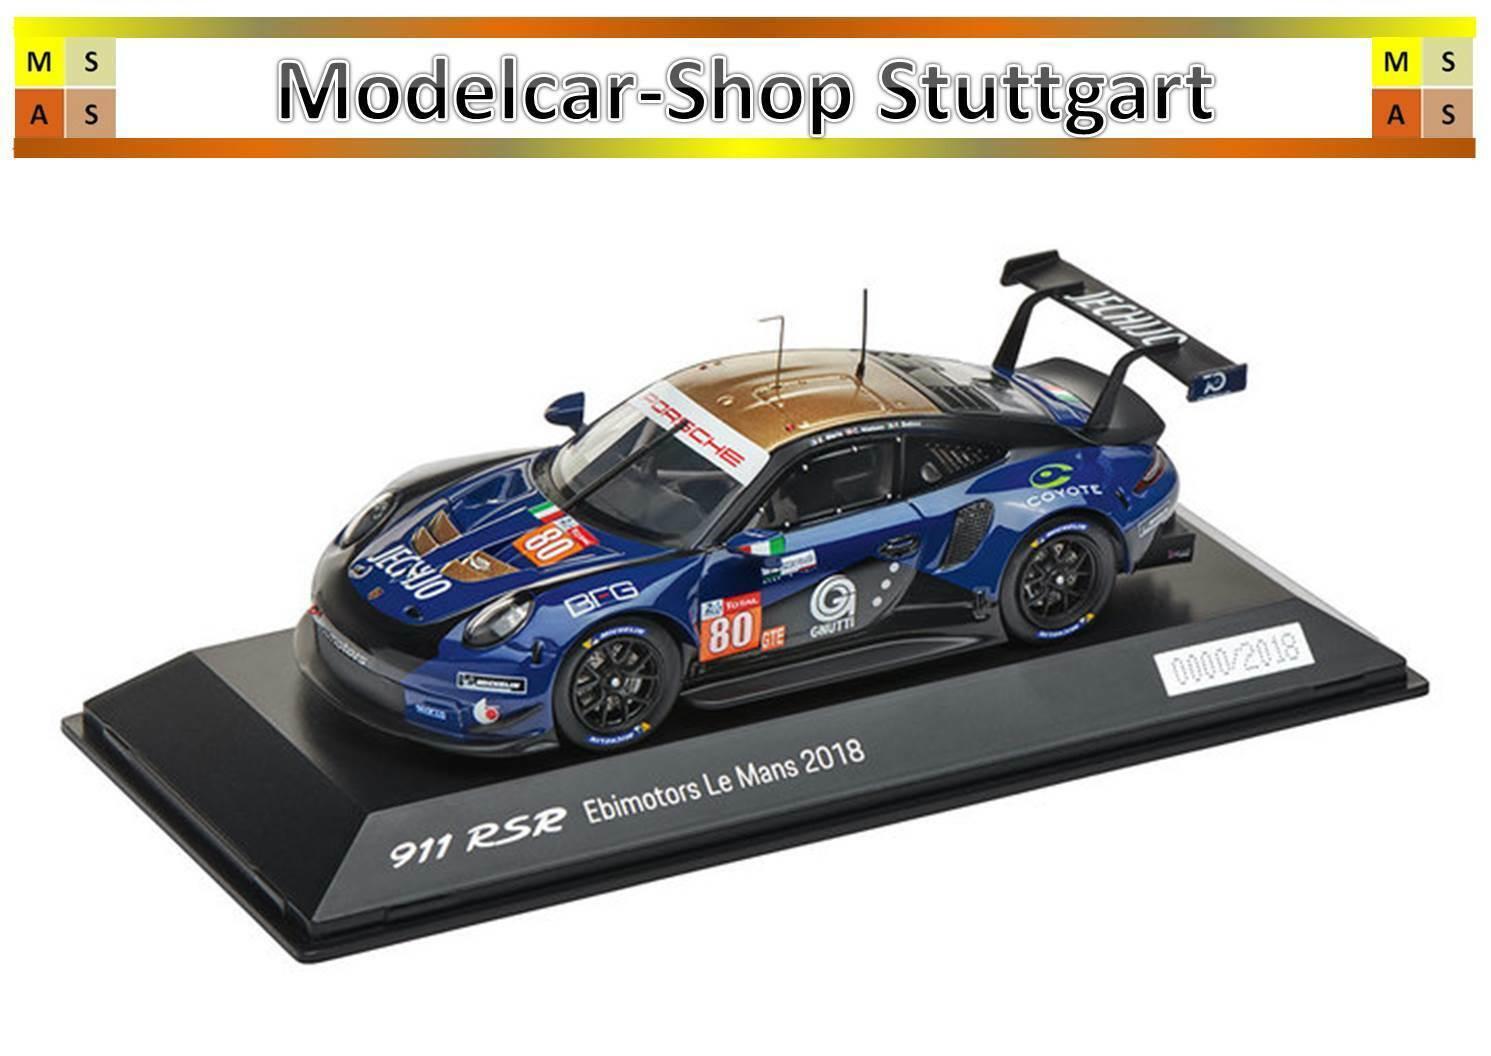 PORSCHE 911 RSR 2018 Ebi Motors Le Mans 2018 SPARK 1 43 wap0209230k